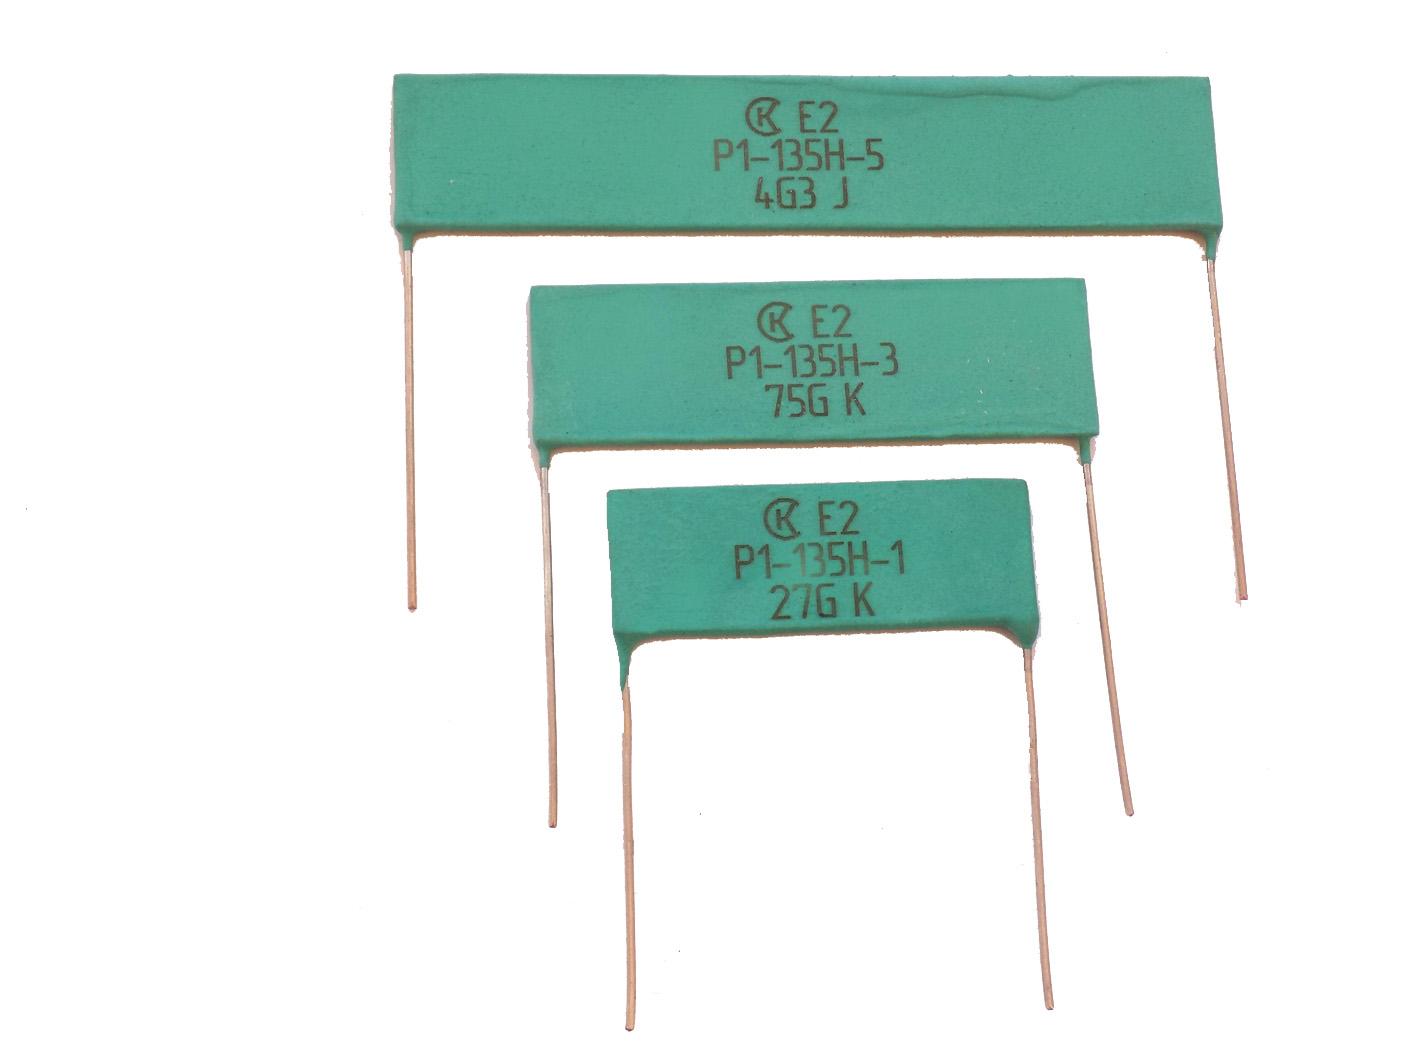 Новые резисторы типа Р1-135 и прецизионные делители типа НР1-77 до 40 кВ